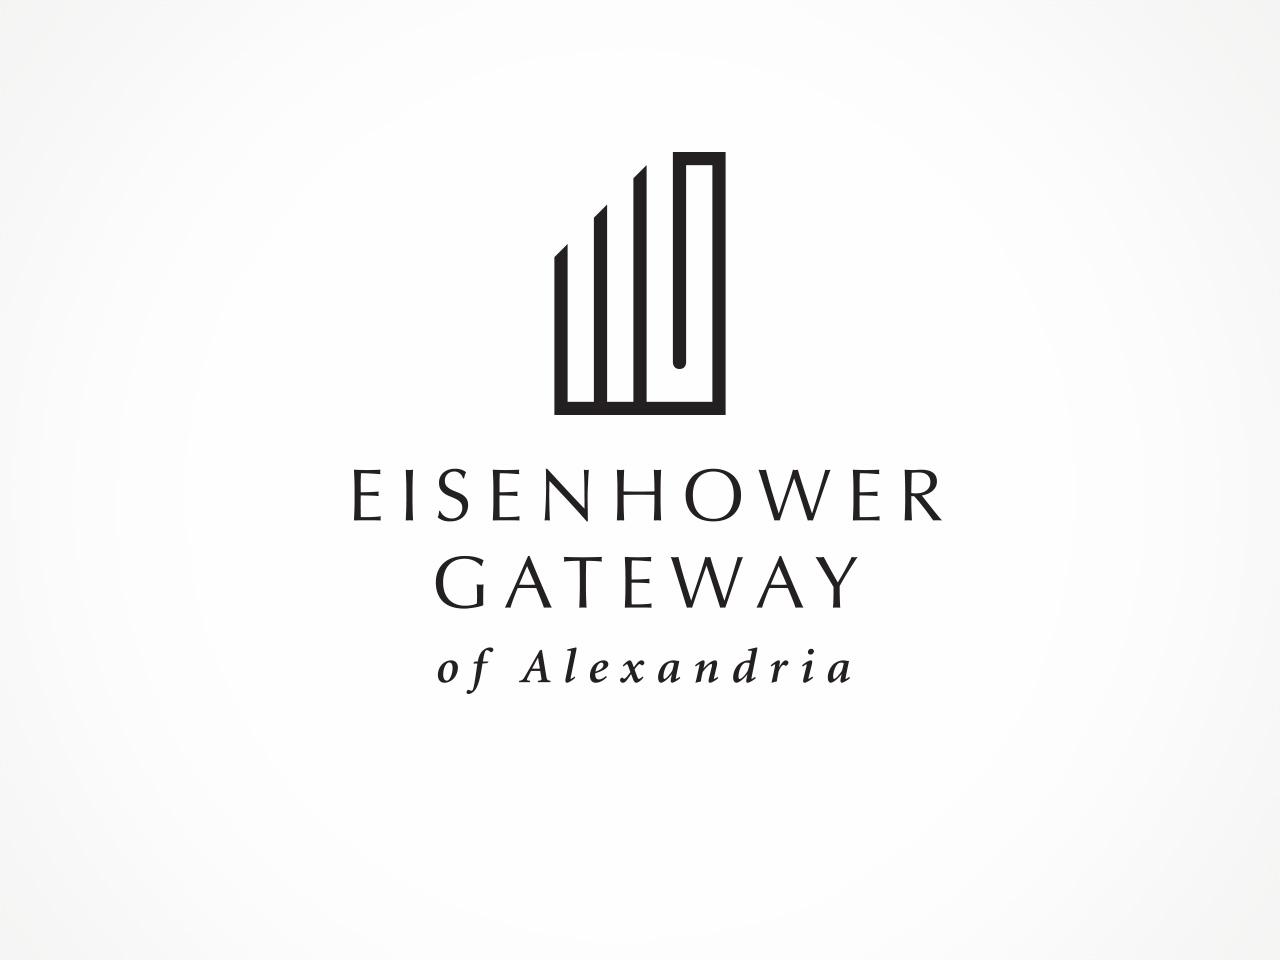 Eisenhower Gateway